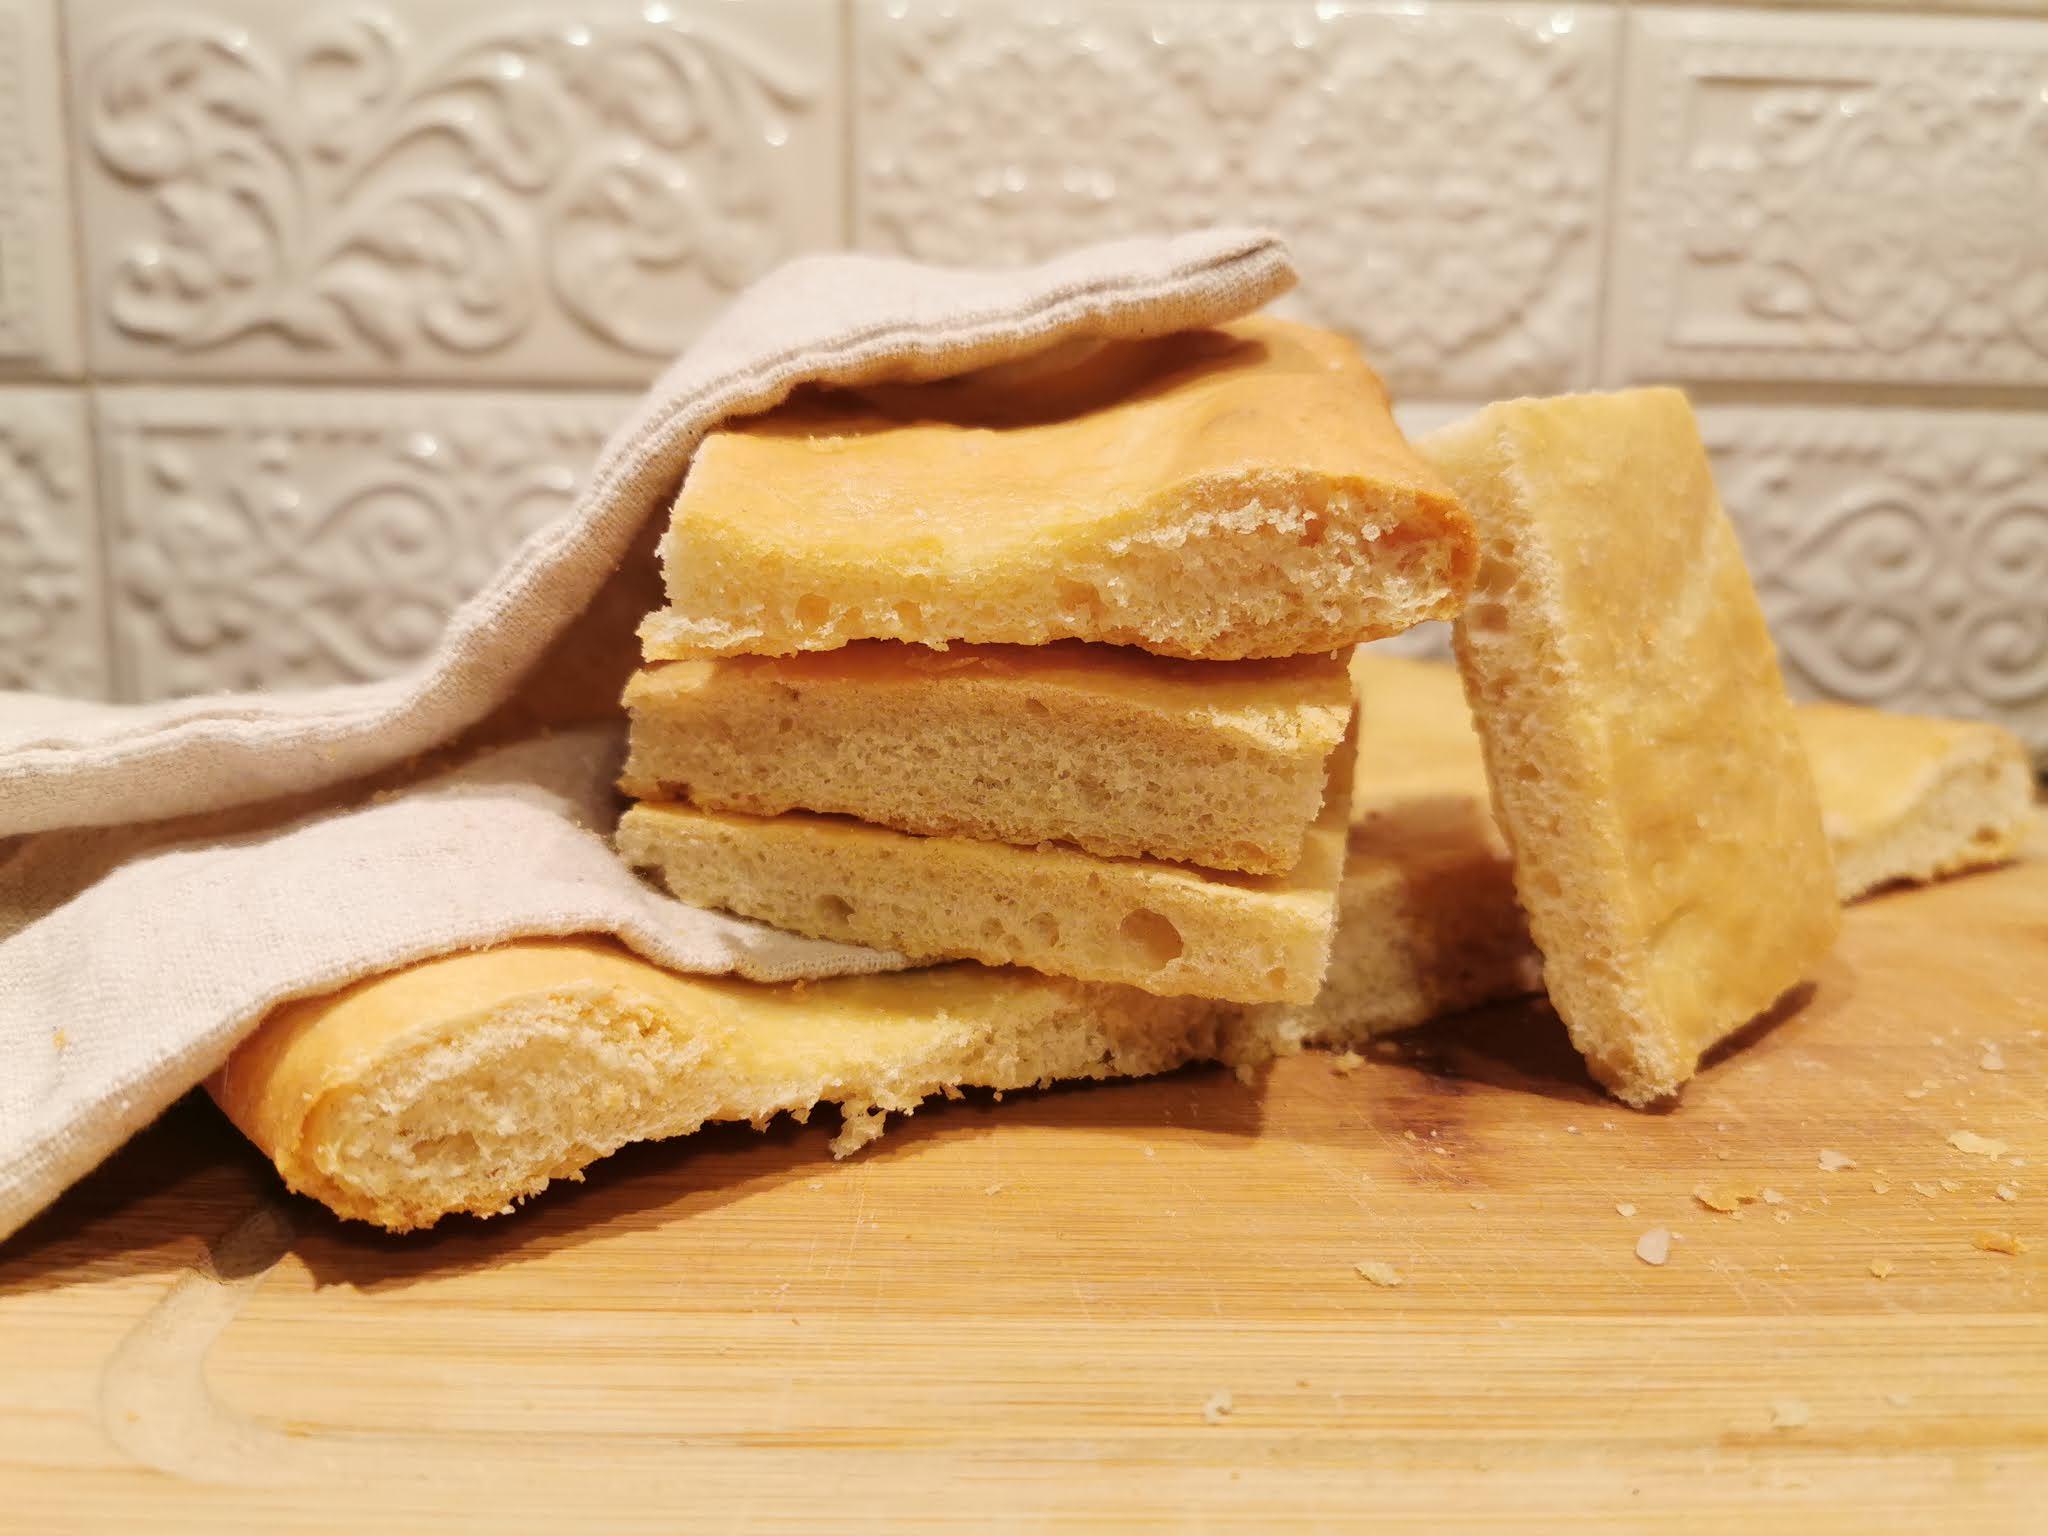 Schiacciata Toscana - płaski chleb toskański